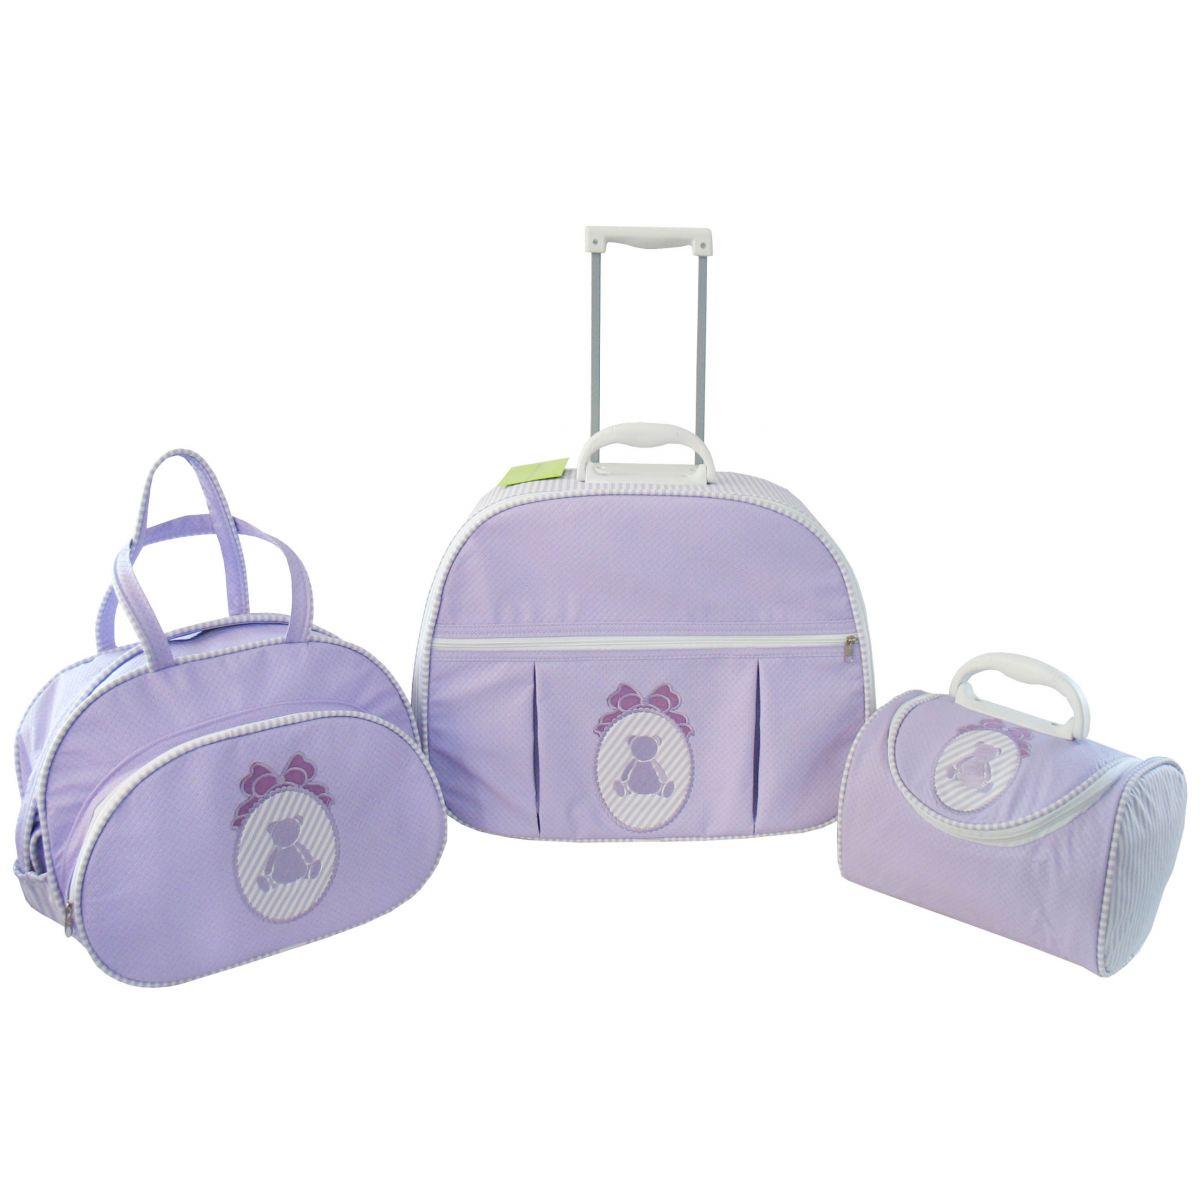 Kit de Bolsa Maternidade Ursa Laço Lilás com Listras nas Laterais 3 peças + Brinde